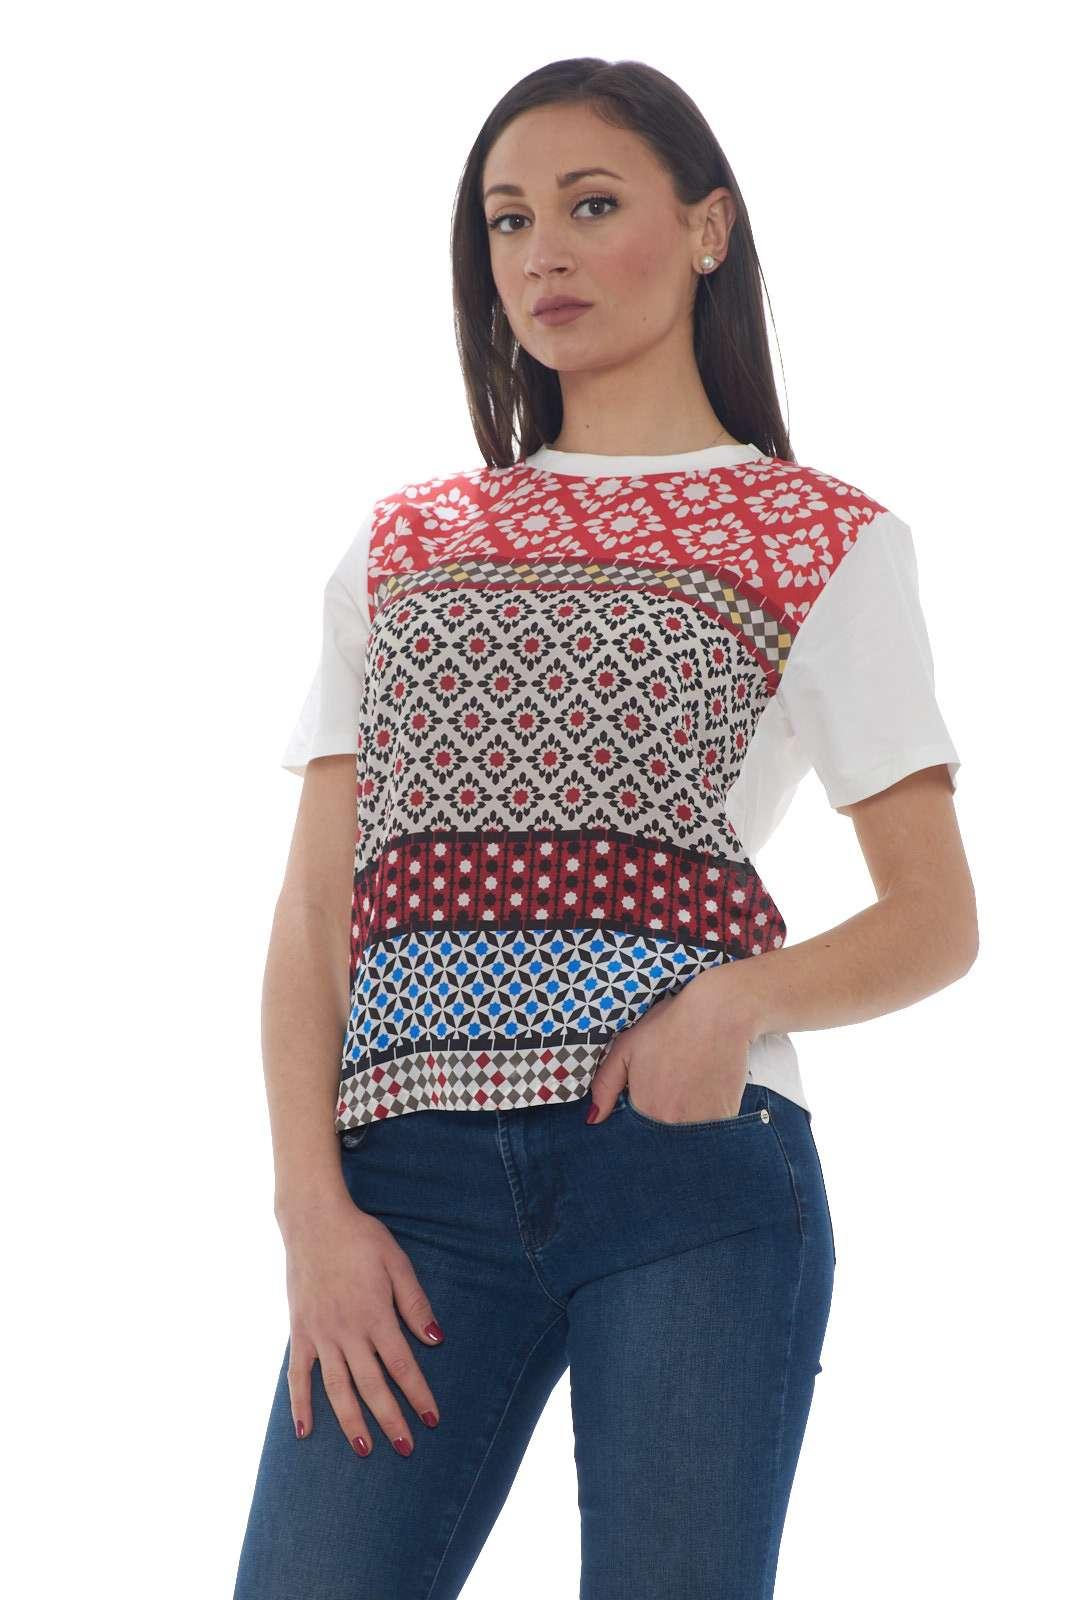 https://www.parmax.com/media/catalog/product/a/i/PE-outlet_parmax-t-shirt-donna-MaxMara-59412201-A.jpg